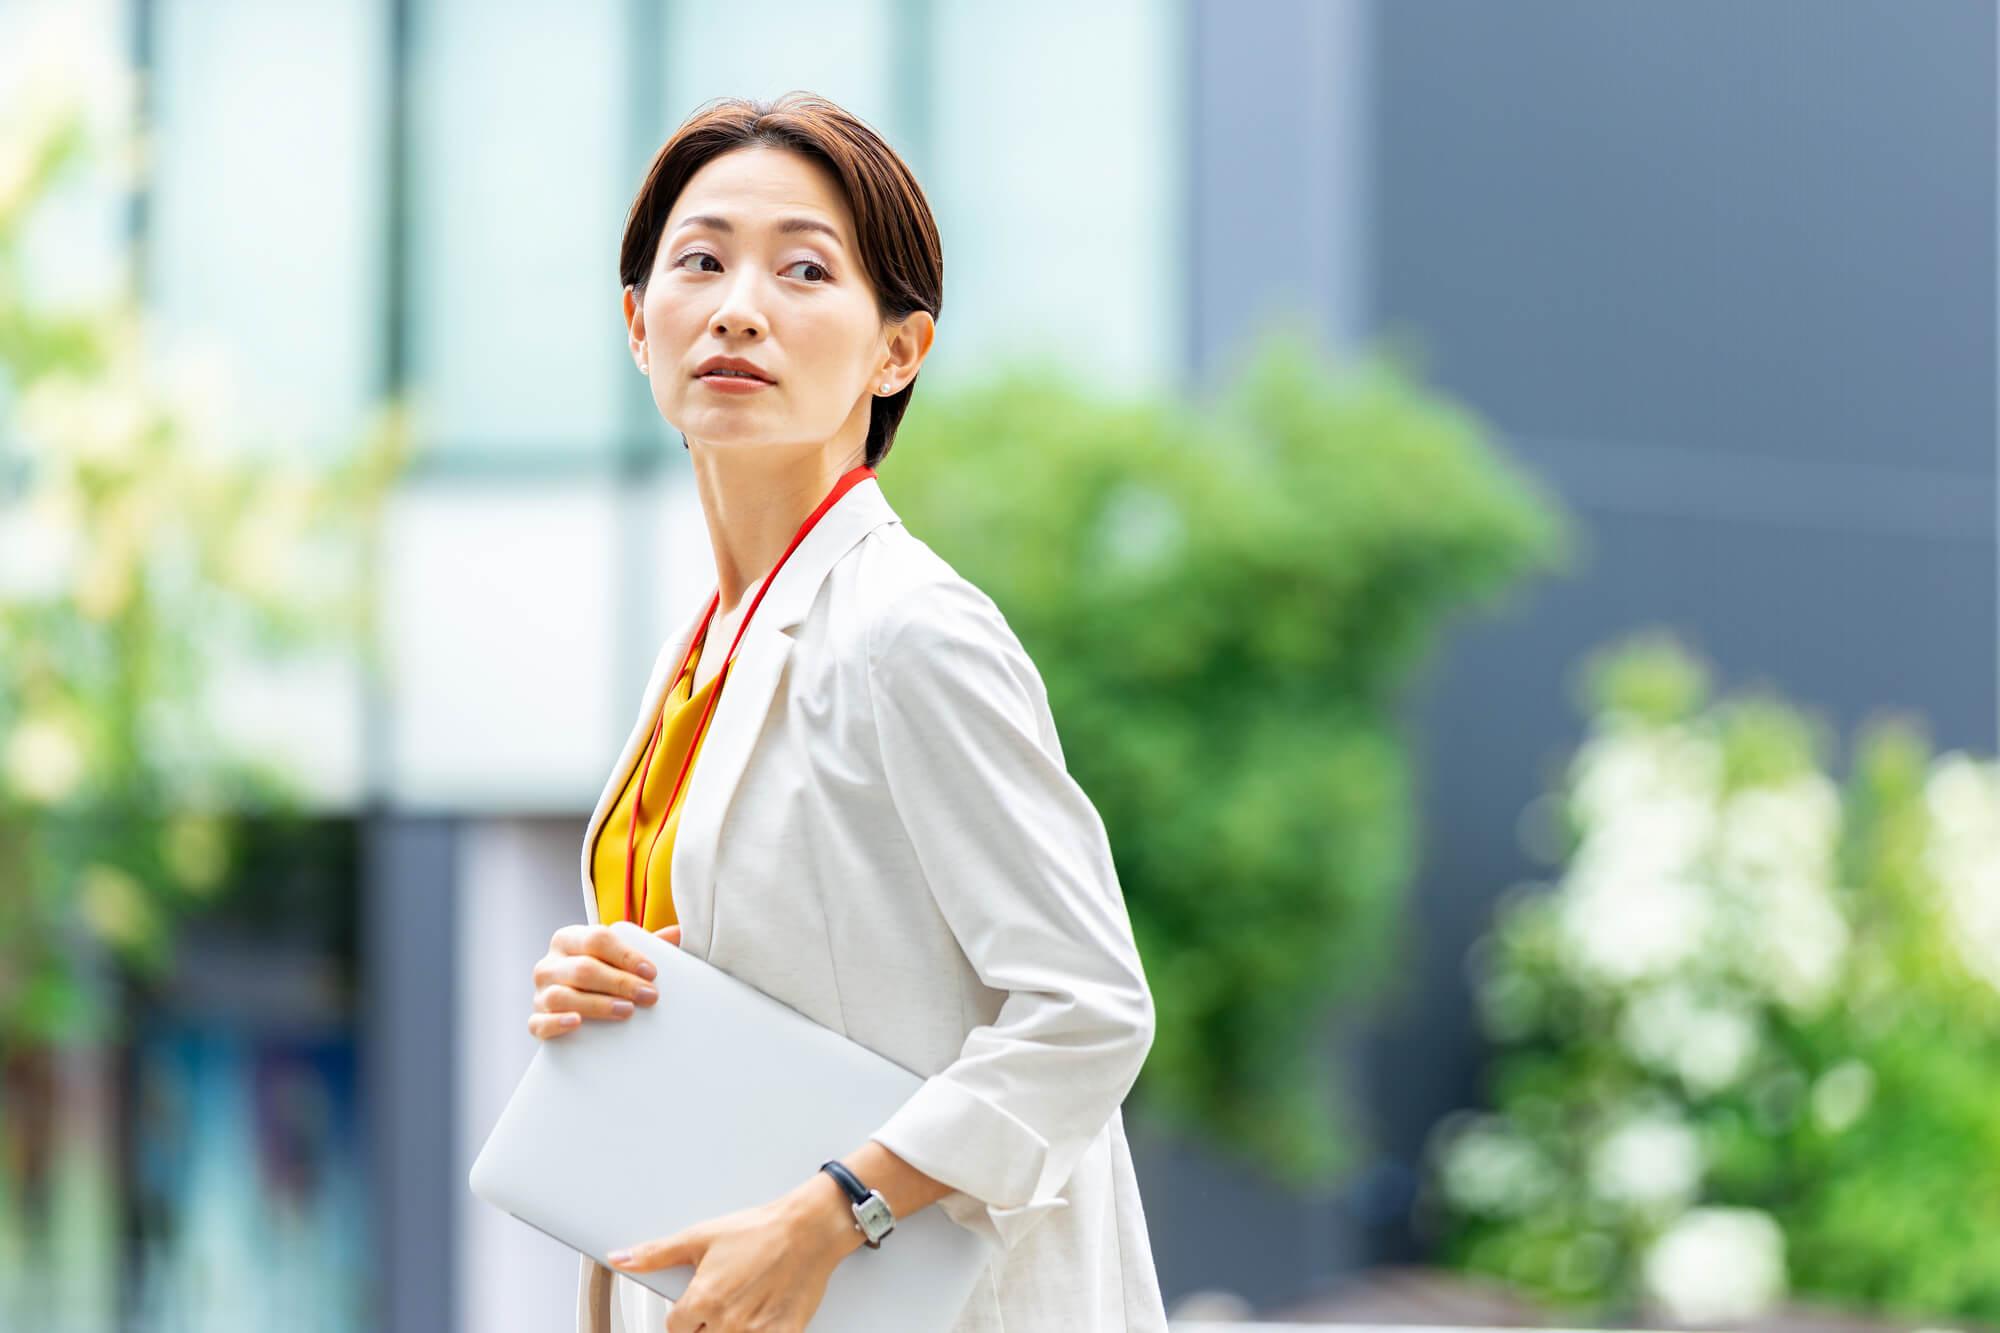 カウンセリングを受けることで、自分の凝り固まった考え方に気がついた50代の女性